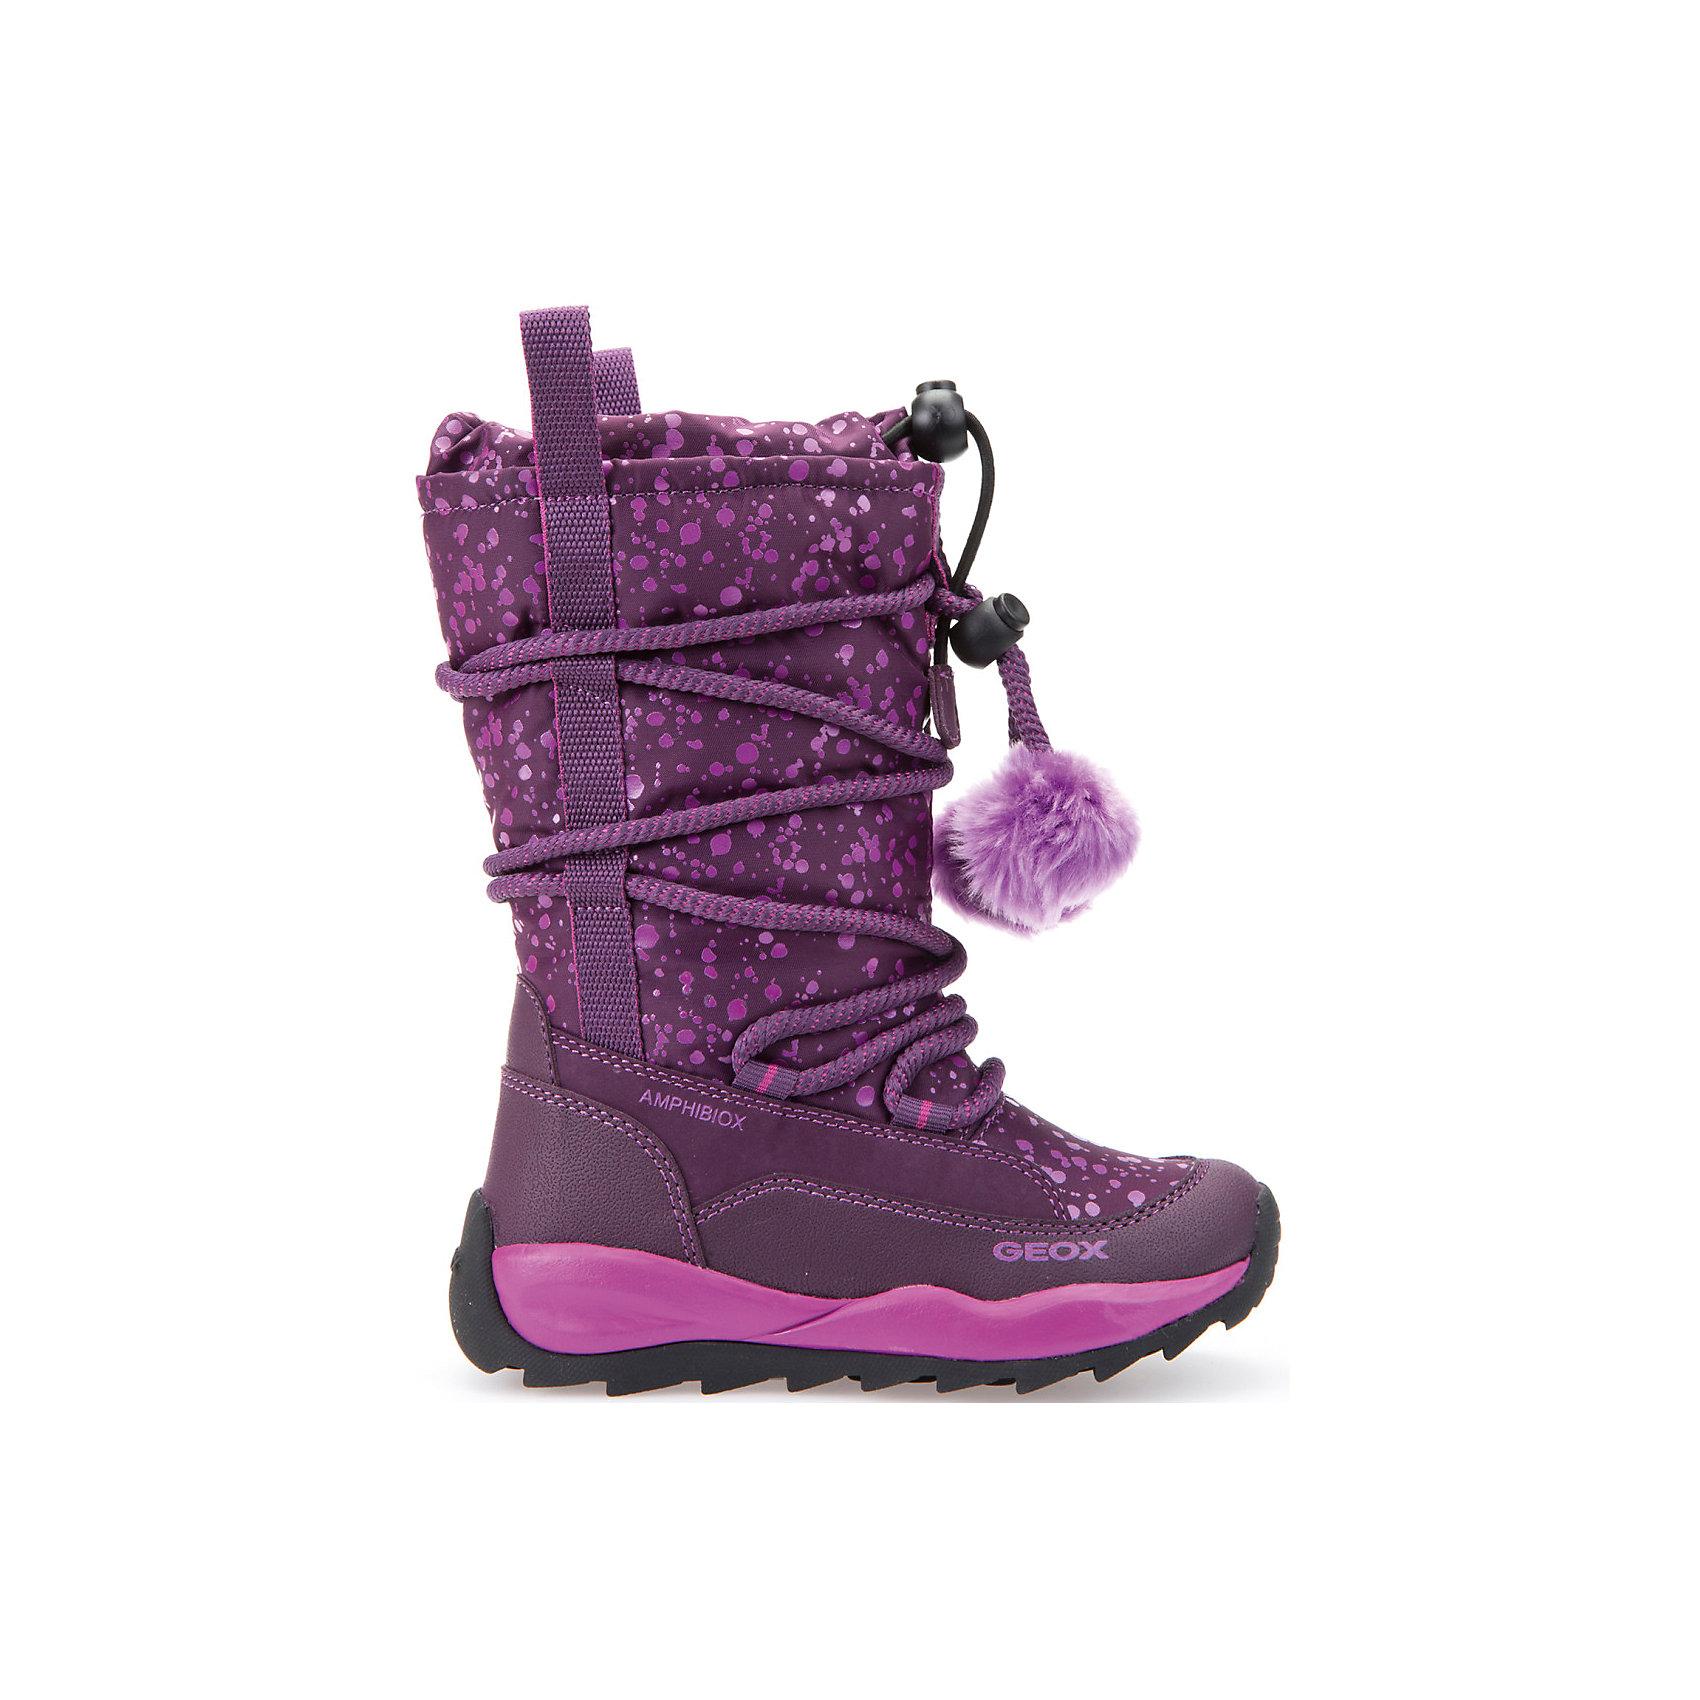 Сапоги для девочки GEOXСапоги для девочки GEOX (ГЕОКС)<br>Сапоги для девочки от GEOX (ГЕОКС) идеально подходят для холодной погоды. Они выполнены из сочетания искусственной кожи и текстиля, имеют текстильную стельку и плотную мягкую подкладку из искусственного меха, которые согревают чувствительные детские ноги. Влага не застаивается в обуви, благодаря чему создается идеальный микроклимат, который держит ноги теплыми и сухими, и позволяет им дышать естественно. Колодка соответствует анатомическим особенностям строения детской стопы. Качественная амортизация снижает нагрузку на суставы. Запатентованная гибкая перфорированная подошва со специальной микропористой мембраной обеспечивает естественное дыхание обуви, не пропускает воду, не скользит. Тип застежки: шнуровка. Обхват голенища регулируется шнурком с утяжкой, благодаря которому внутрь не попадает снег. Модель имеет усиленный мыс и пятку.<br><br>Дополнительная информация:<br><br>- Сезон: зима<br>- Цвет: фиолетовый<br>- Материал верха: искусственная кожа, текстиль<br>- Внутренний материал: искусственный мех<br>- Материал стельки: текстиль<br>- Материал подошвы: резина<br>- Тип застежки: шнуровка<br>- Высота голенища/задника: 22 см.<br>- Высота платформы: 1 см.<br>- Высота подошвы: 3 см.<br>- Технология Amphibiox<br>- Материалы и продукция прошли специальную проверку T?V S?D, на отсутствие веществ, опасных для здоровья покупателей<br><br>Сапоги для девочки GEOX (ГЕОКС) можно купить в нашем интернет-магазине.<br><br>Ширина мм: 257<br>Глубина мм: 180<br>Высота мм: 130<br>Вес г: 420<br>Цвет: фиолетовый<br>Возраст от месяцев: 60<br>Возраст до месяцев: 72<br>Пол: Женский<br>Возраст: Детский<br>Размер: 30,31,30,26,27,28,29,28<br>SKU: 4812528